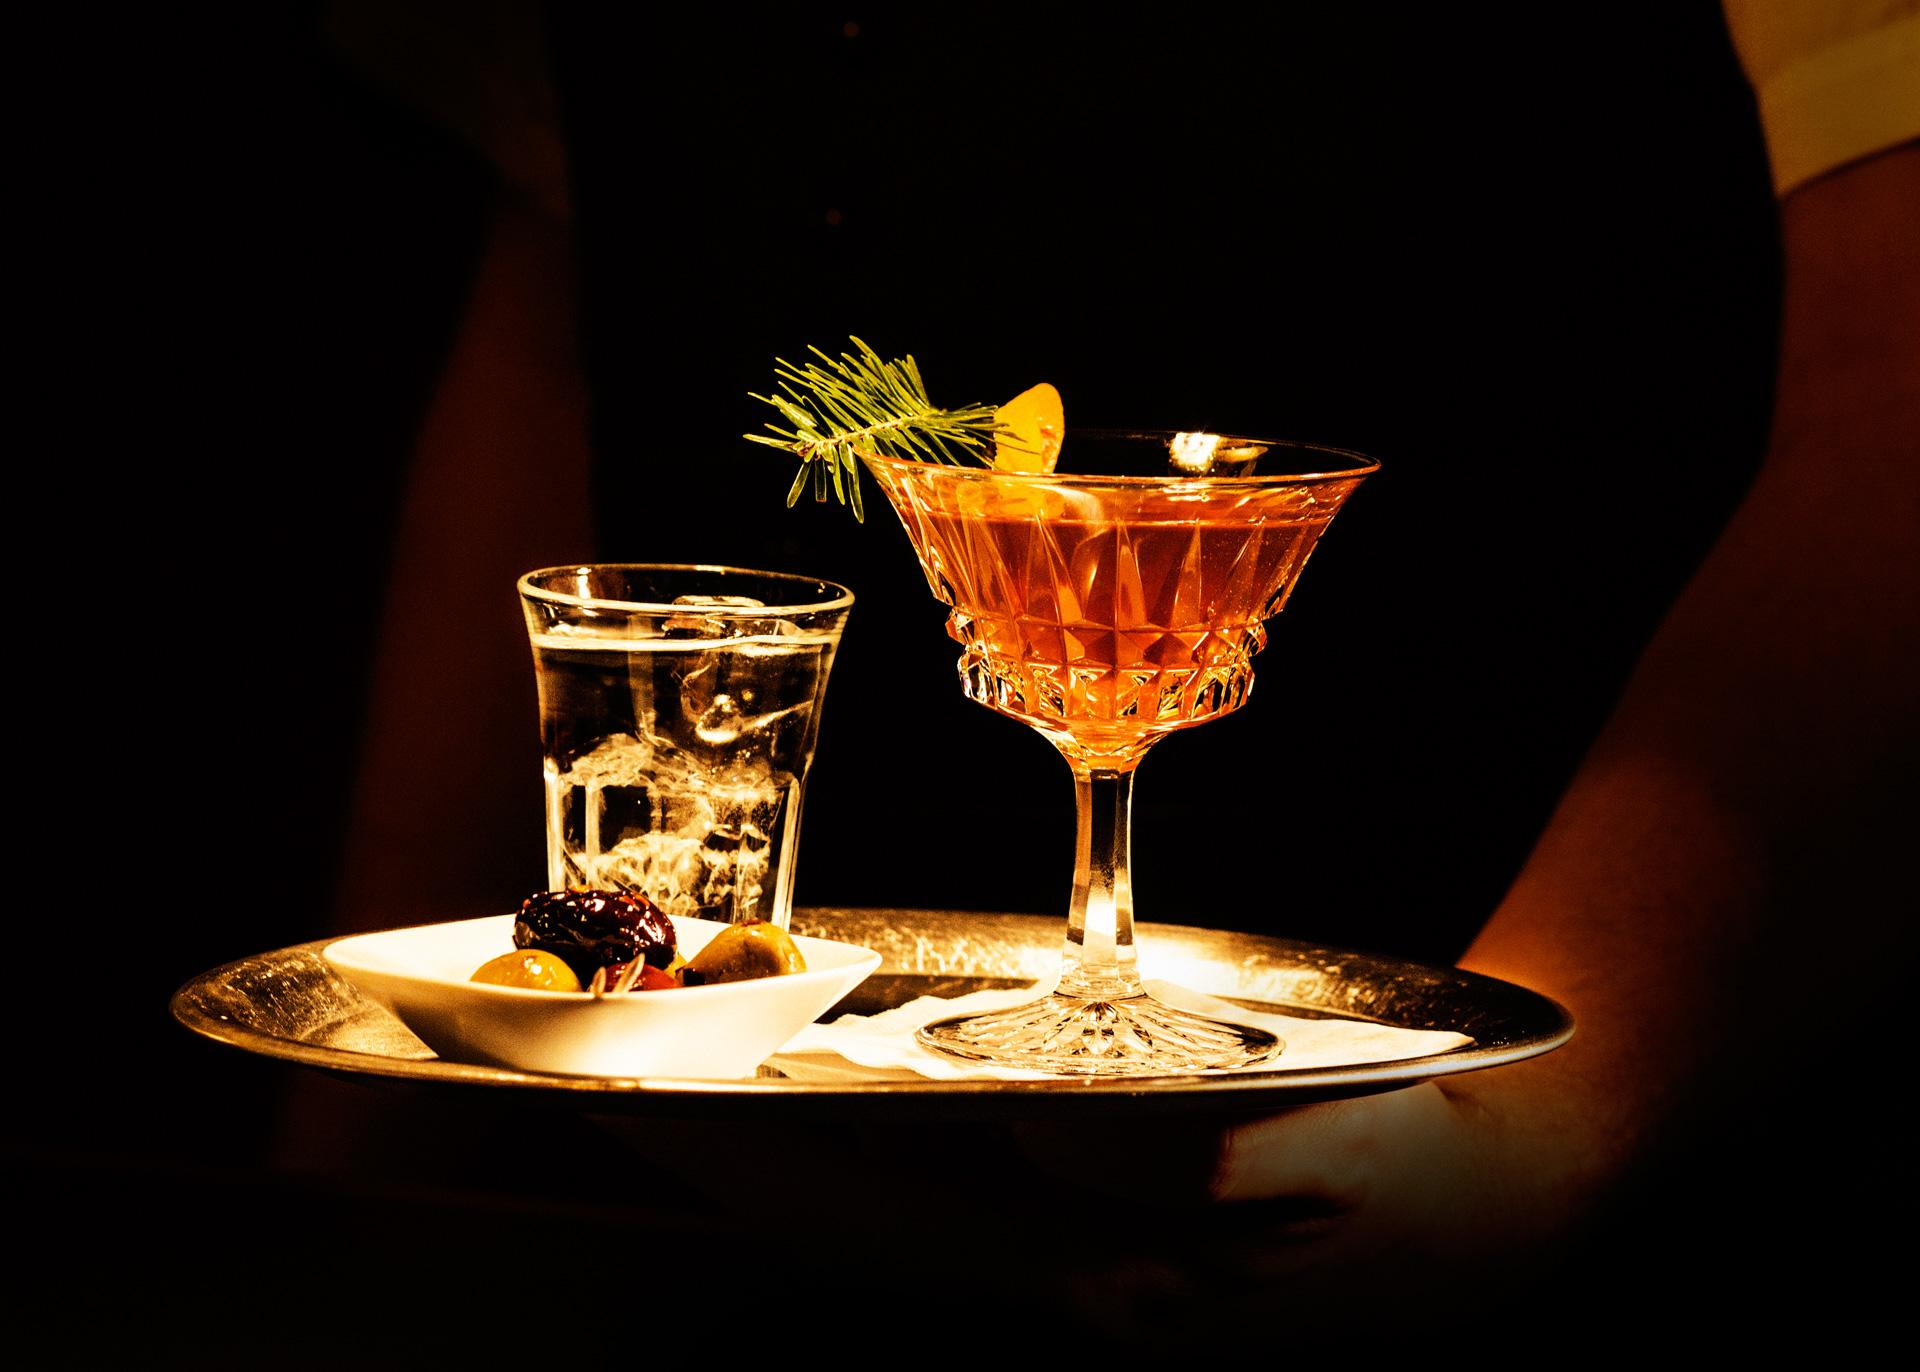 NZZ_Frank-Blaser_Drinks_2_Lorenz-Wahl.jpg